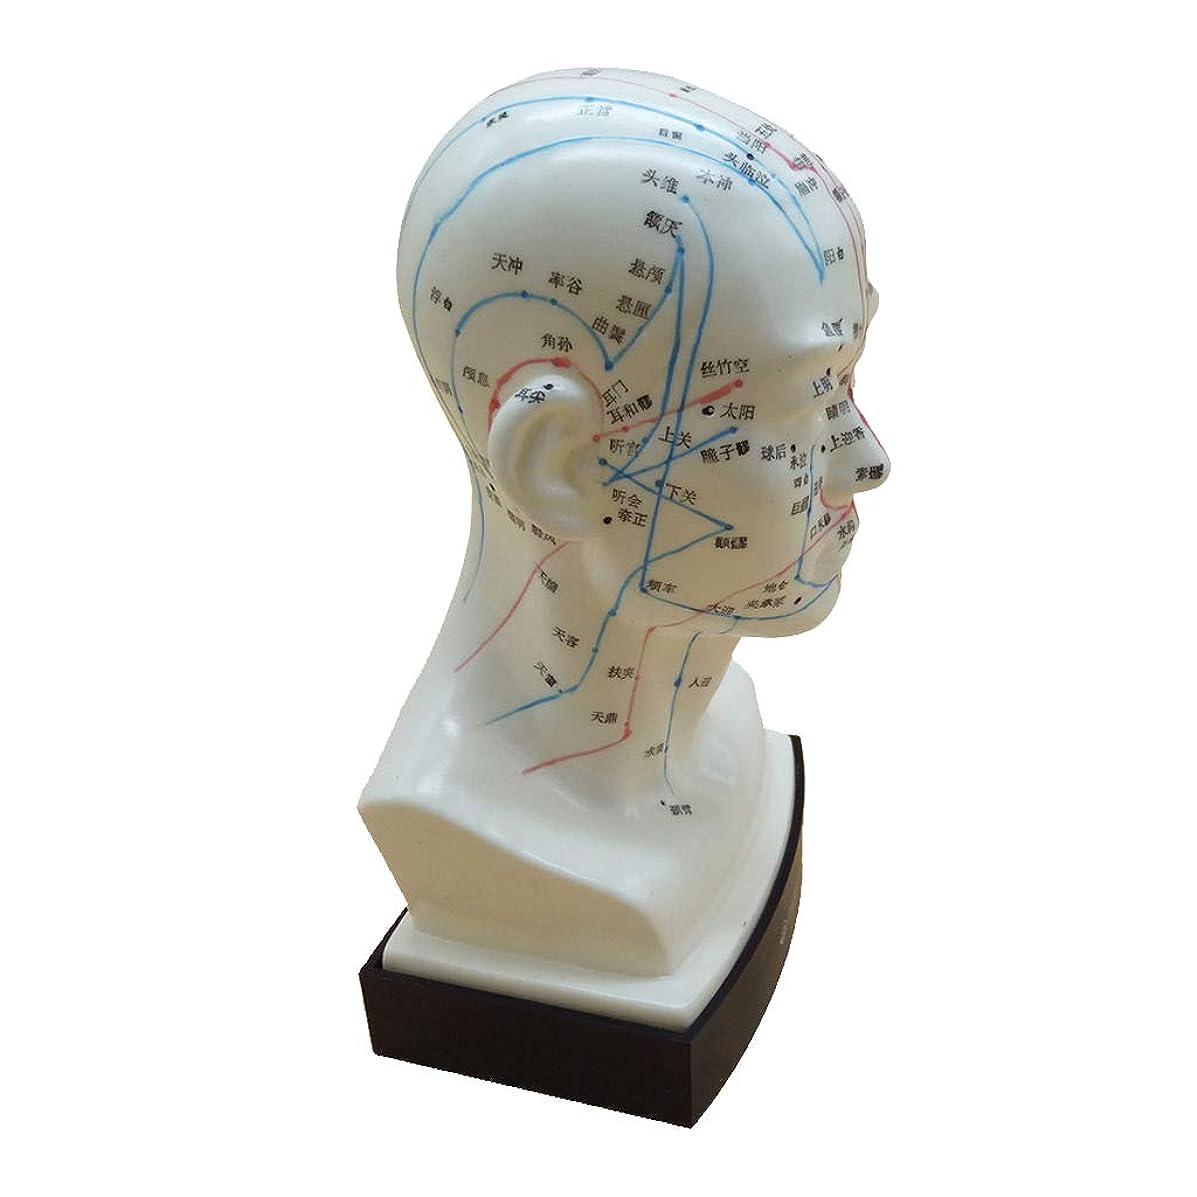 スラッシュ処方大統領KESOTO マッサージ モデル 中国語 指圧ポイント 人間の頭 経絡モデル